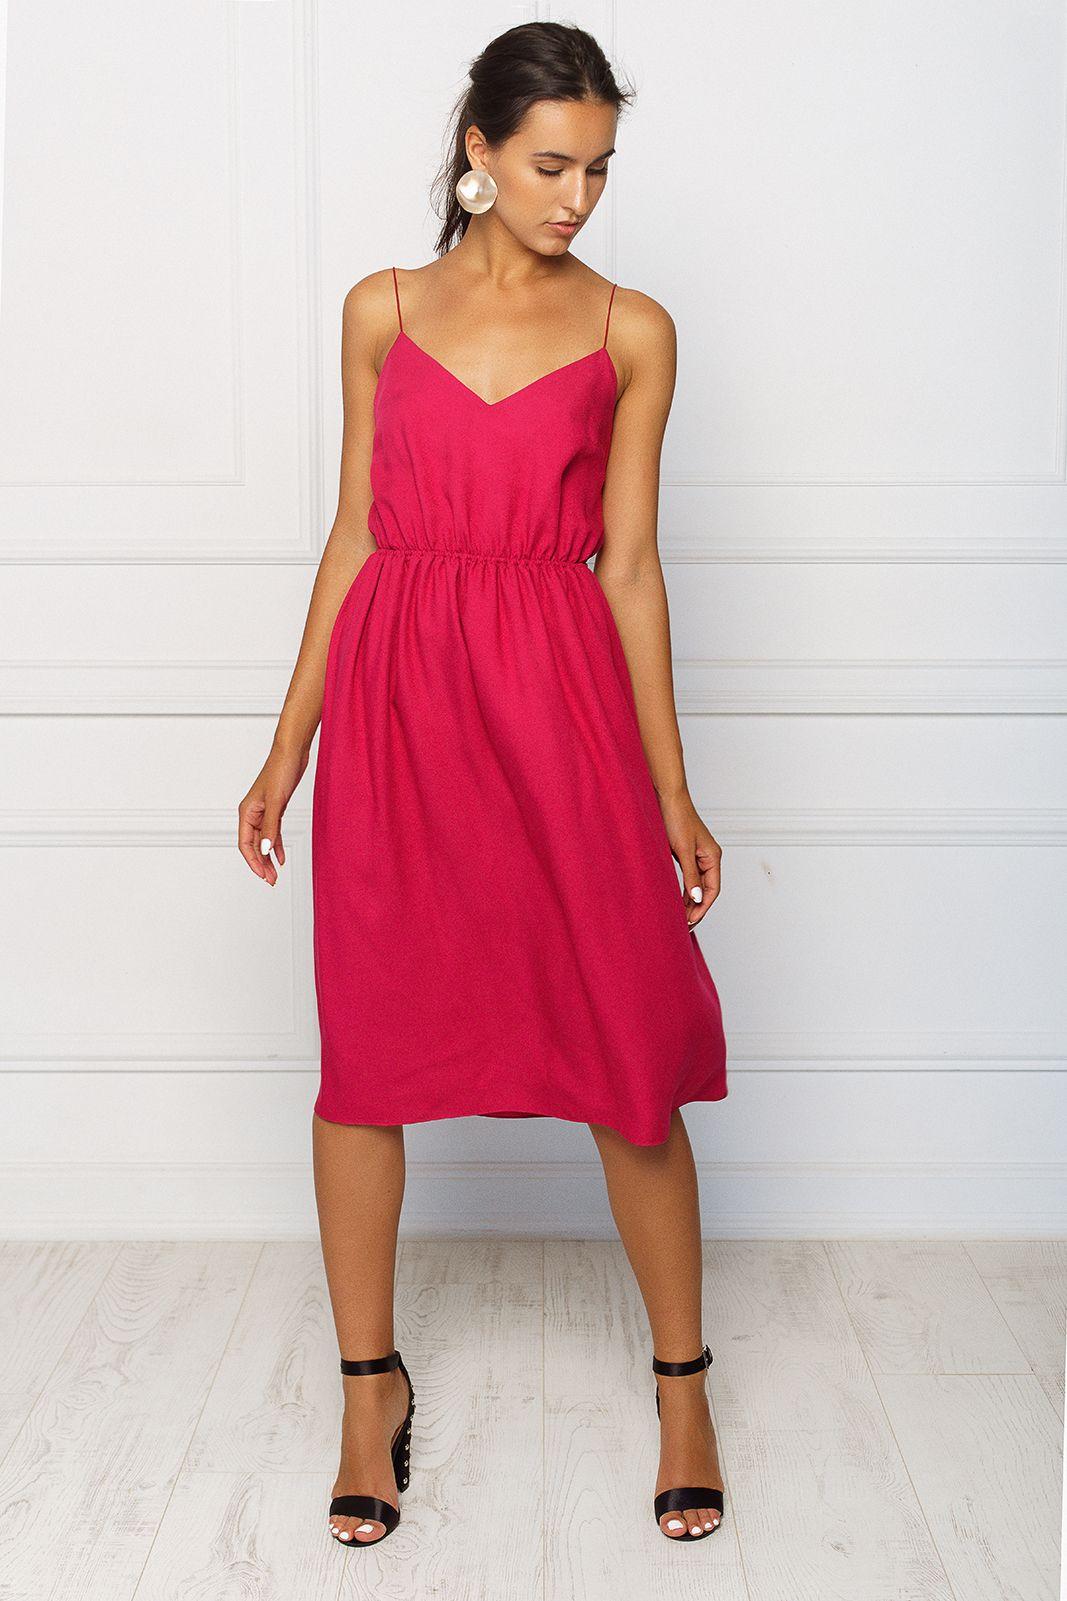 2kstyle #fuschiadress #mididress #summer #dress